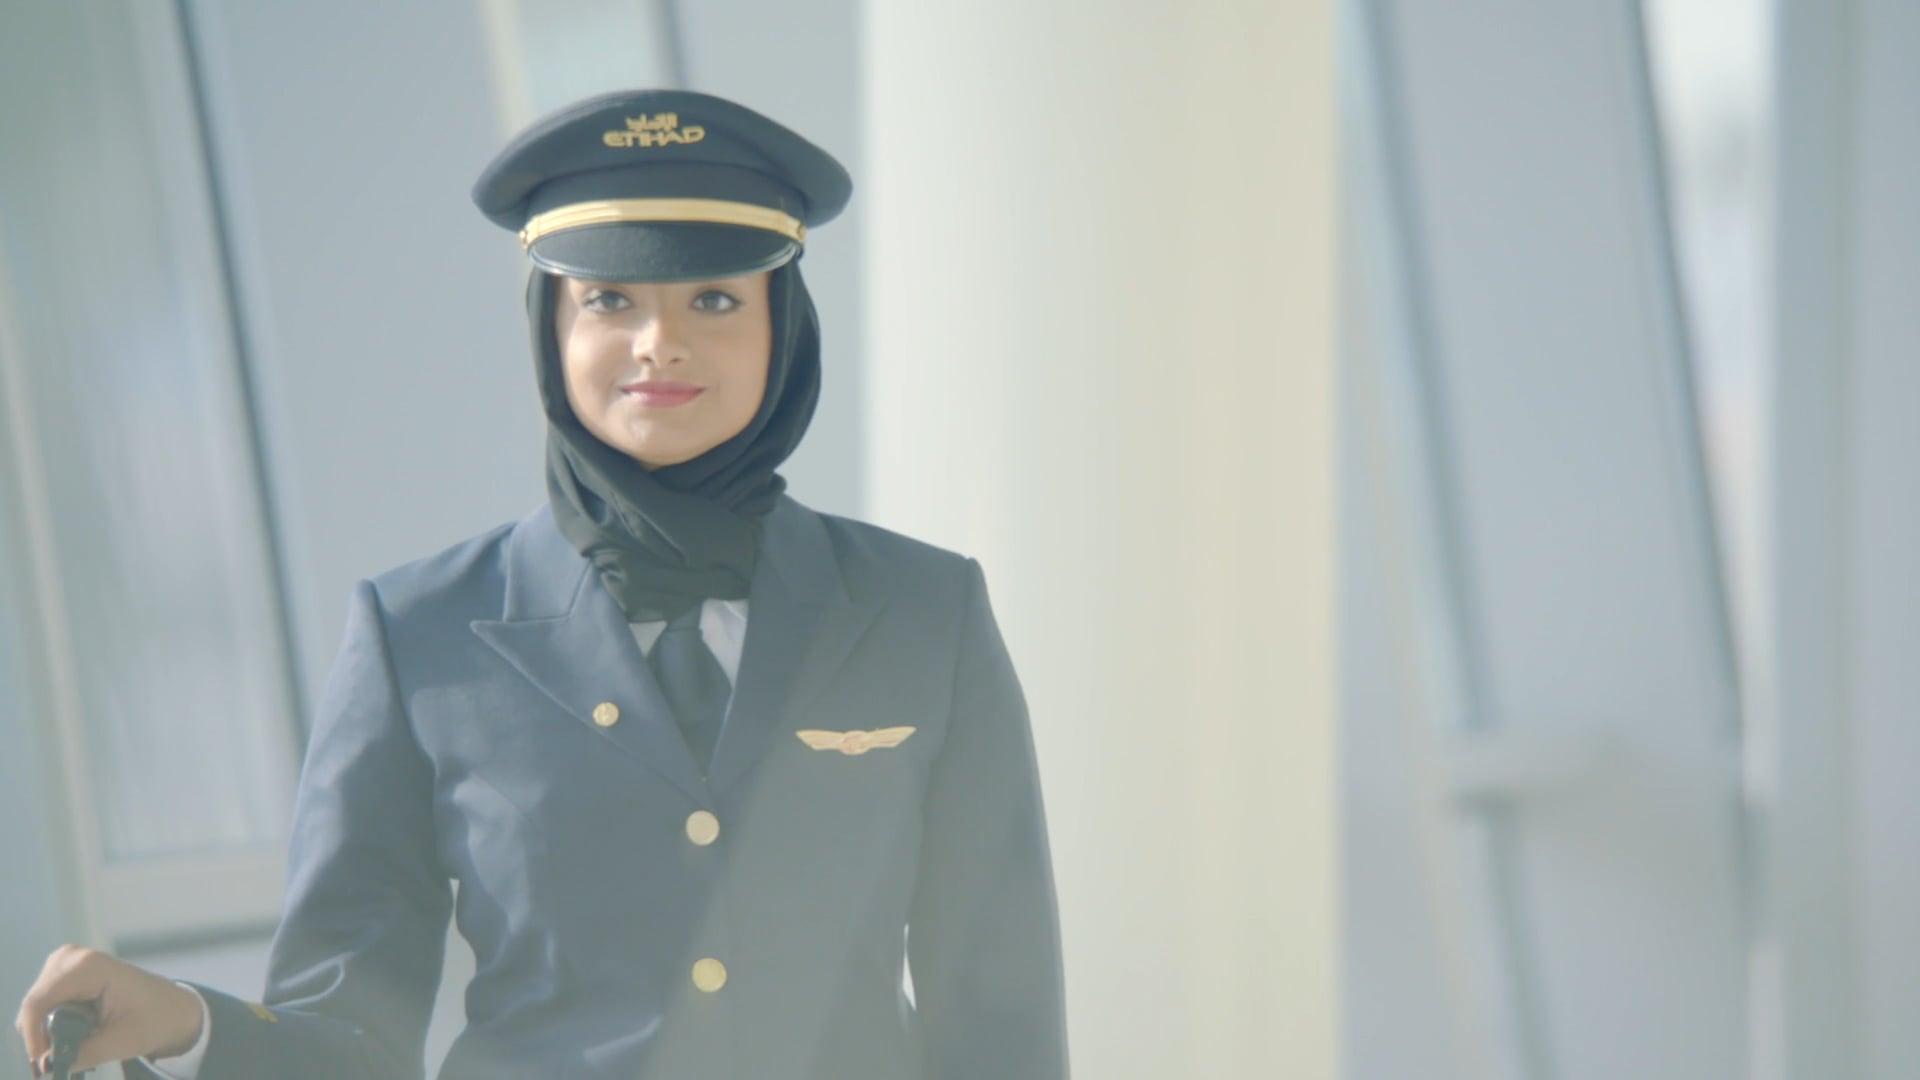 Etihad Airways - Music Video - Pilot